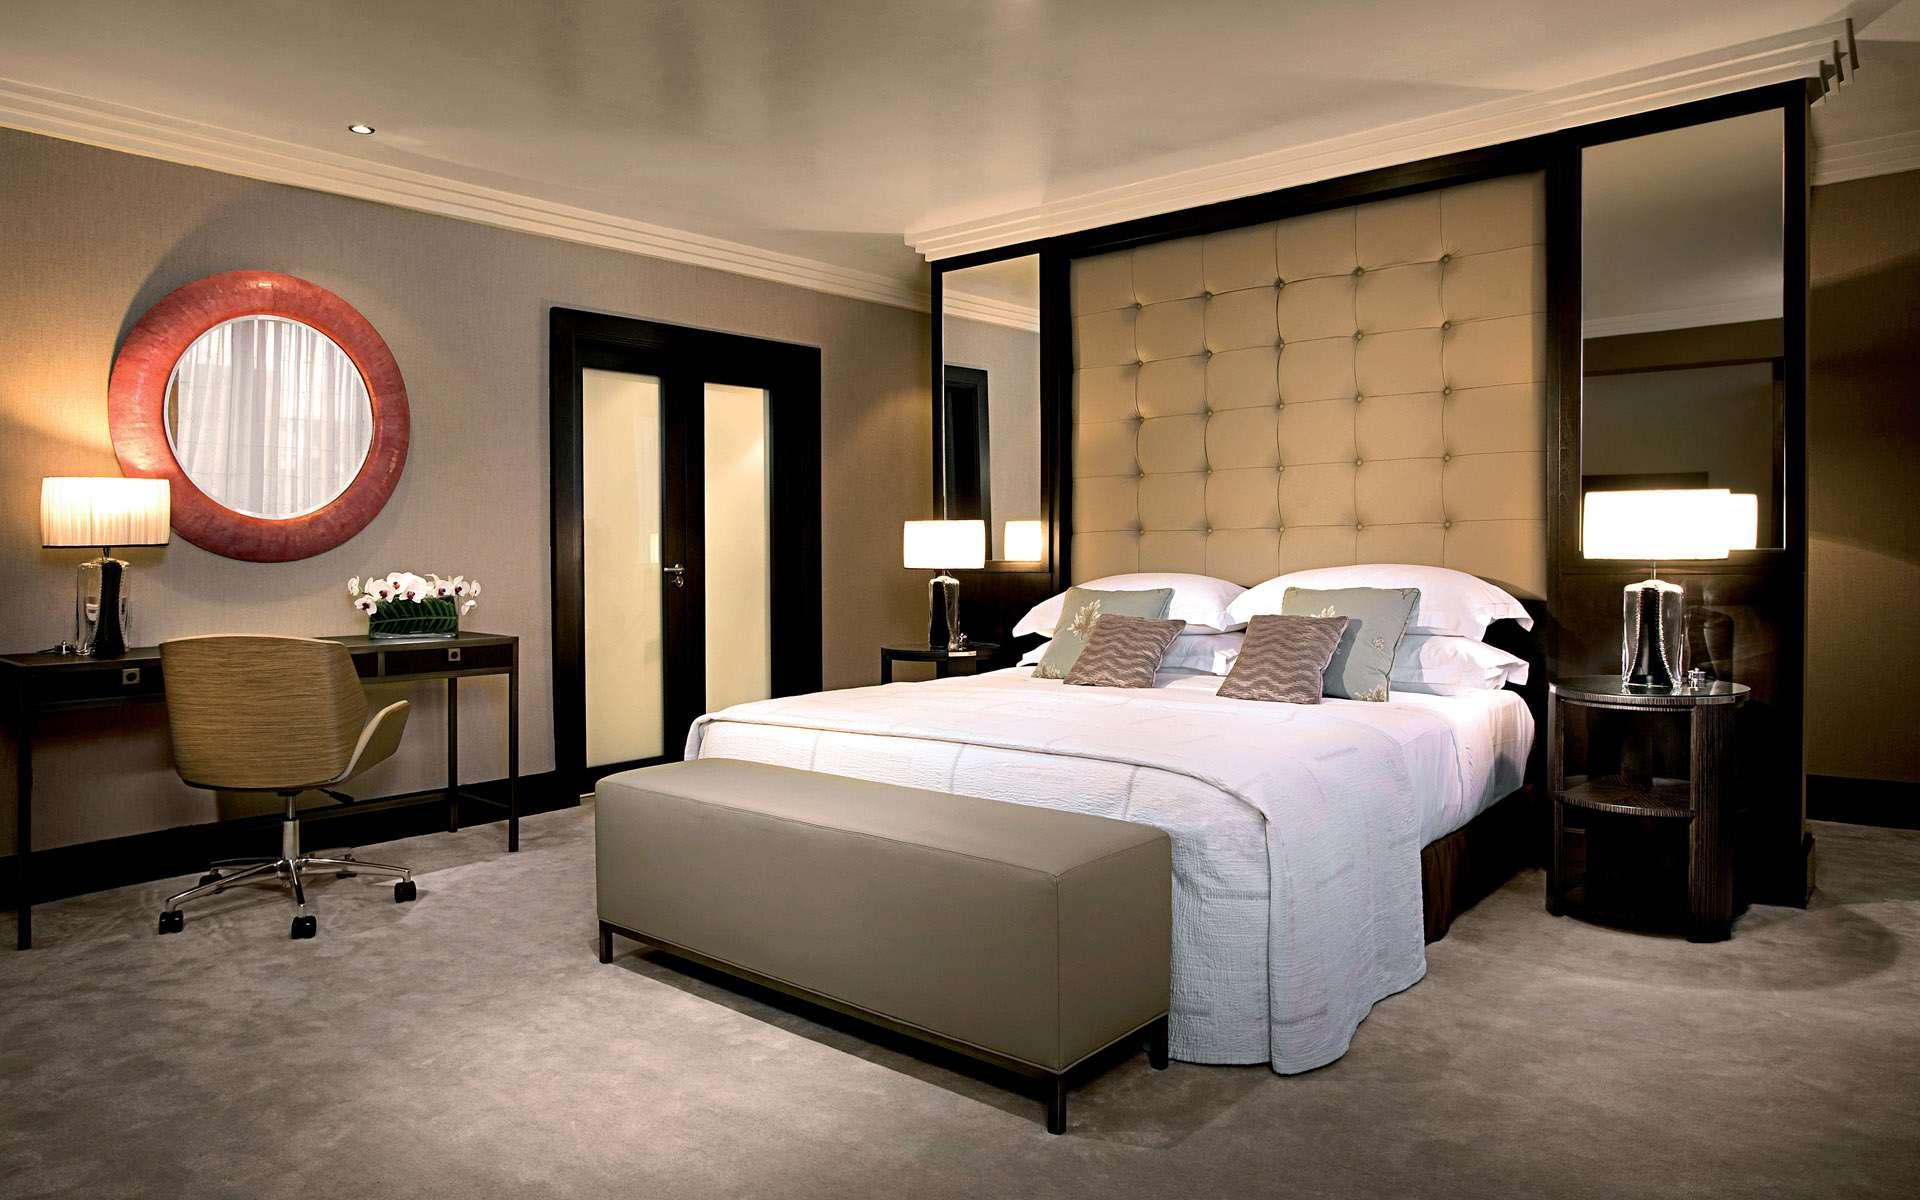 2tbb مجموعة صور لديكورات غرف نوم 2014 حديثة ومودرن و تركيةوكلاسيكية من أحدث وأجمل وأفخم تشكيلة ديكورات غرف نوم 2014